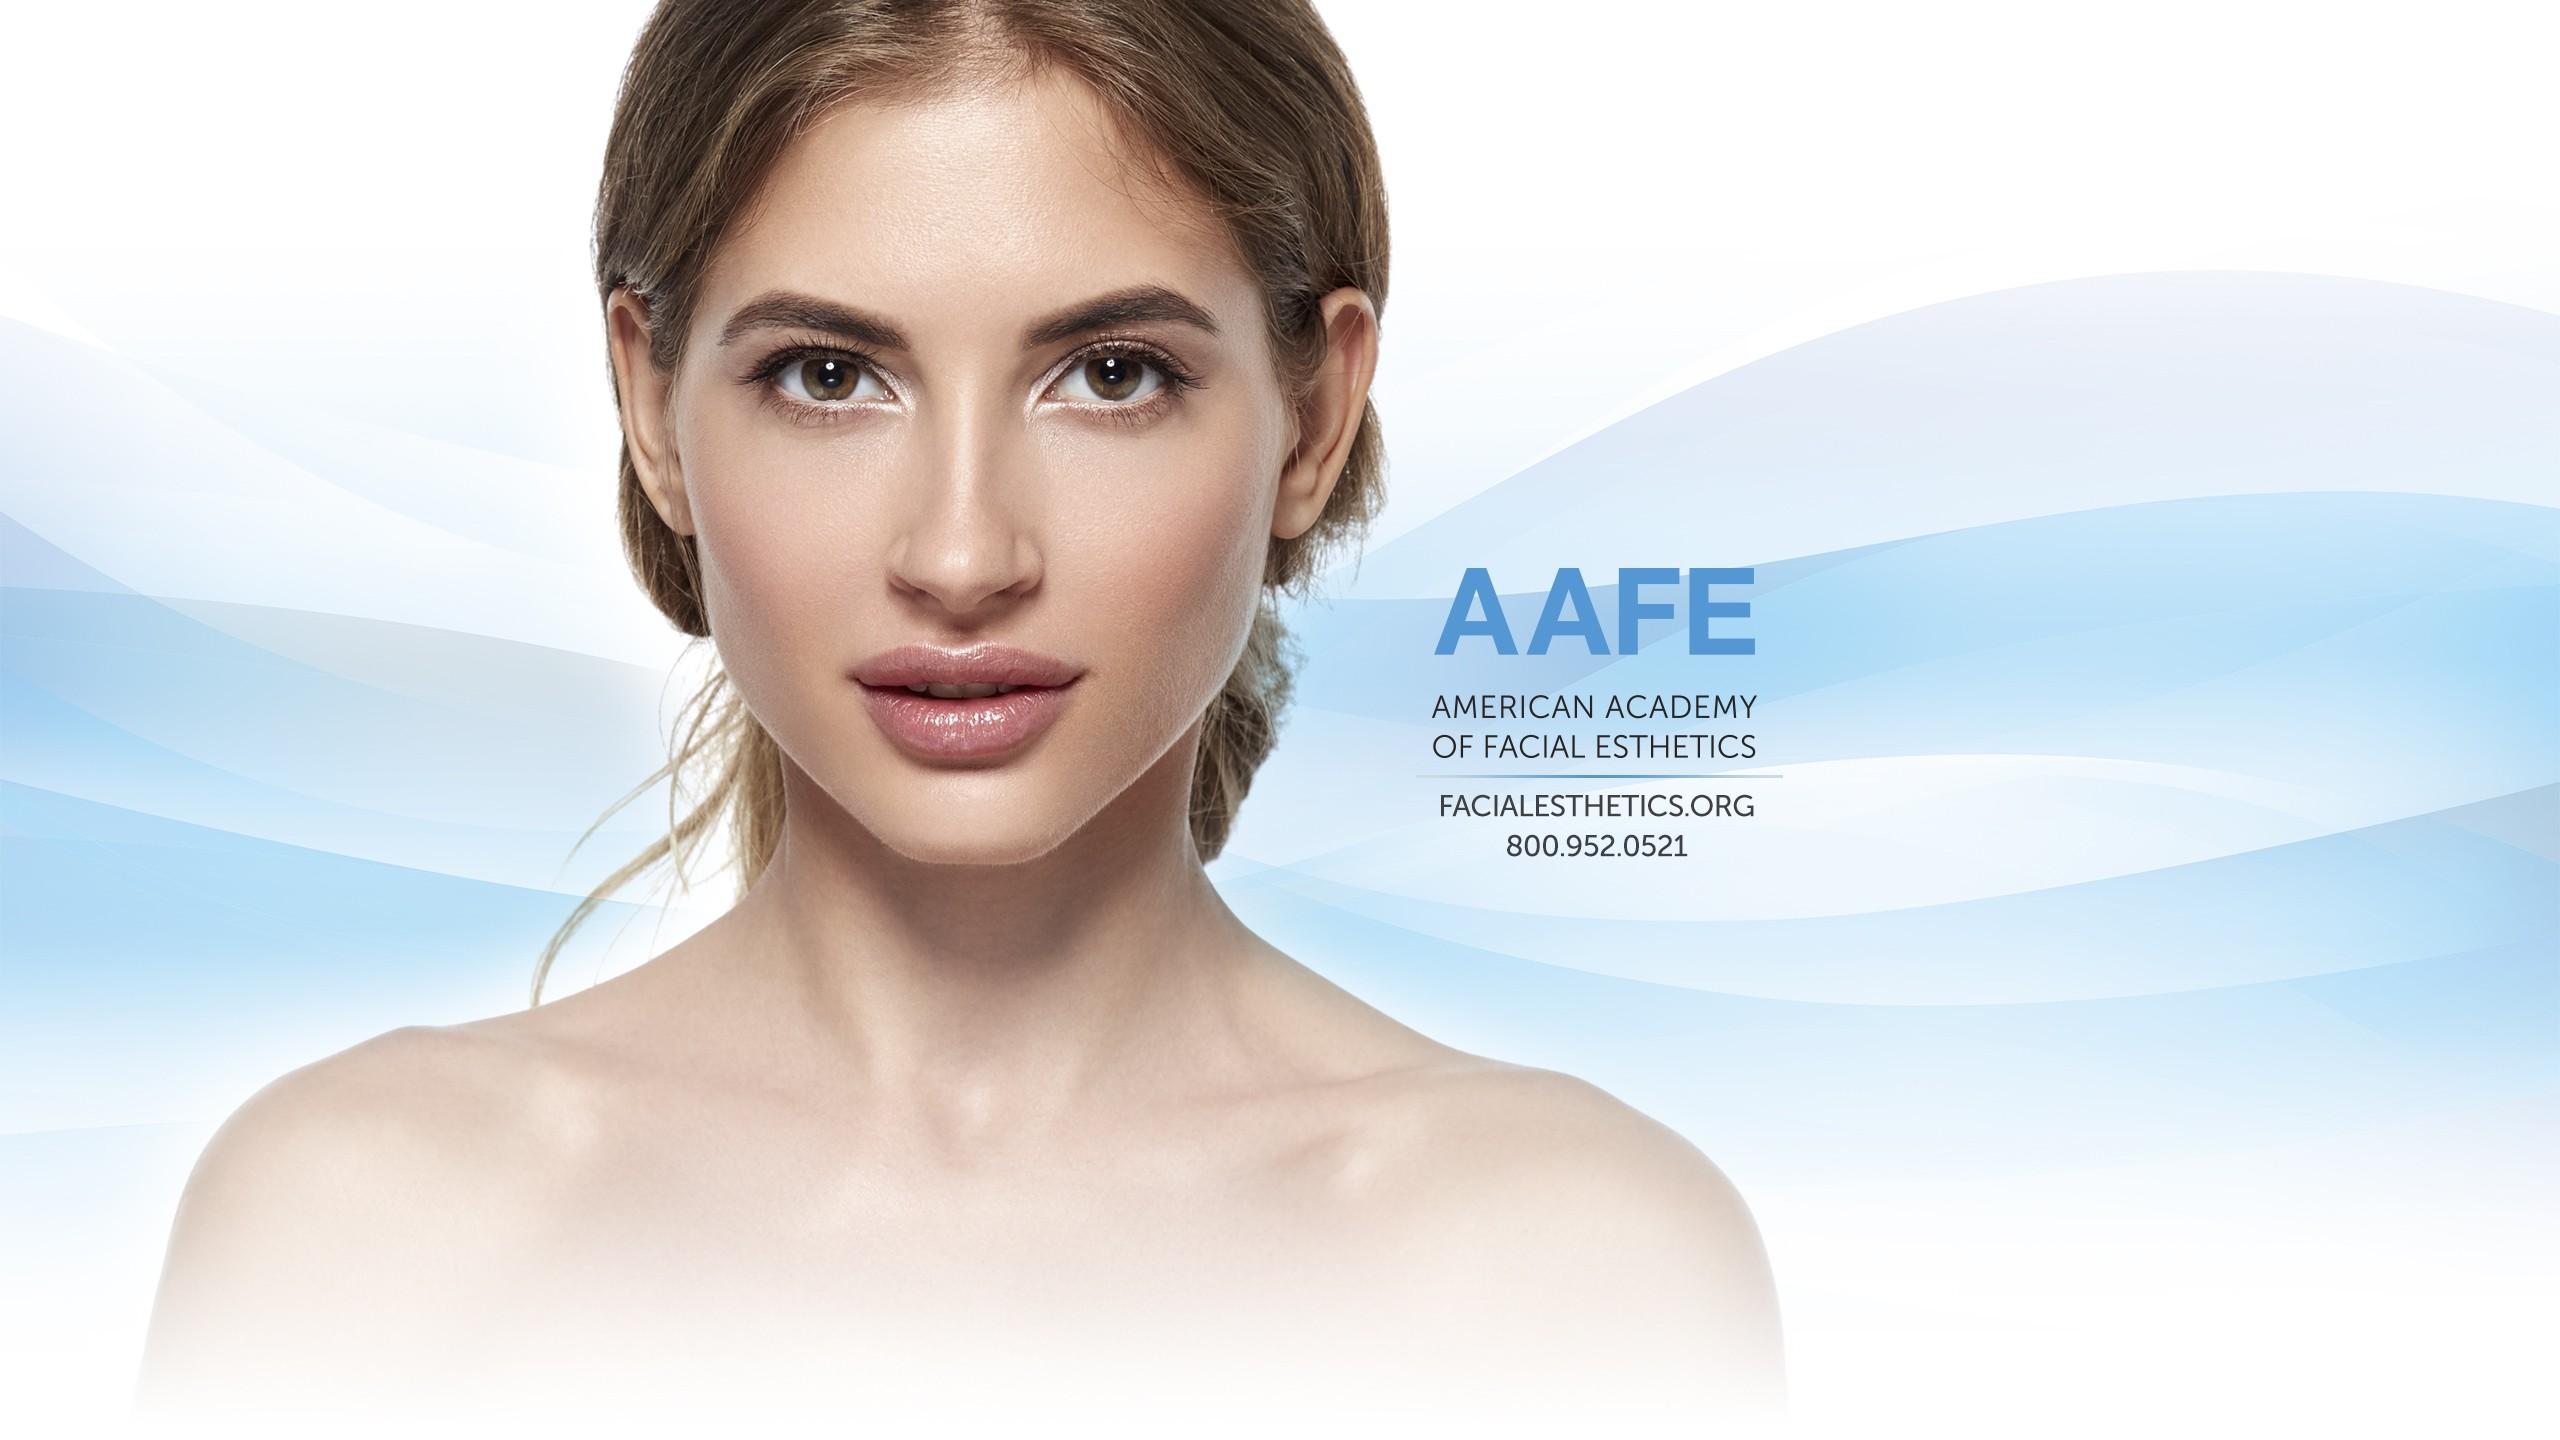 American Academy of Facial Esthetics   LinkedIn